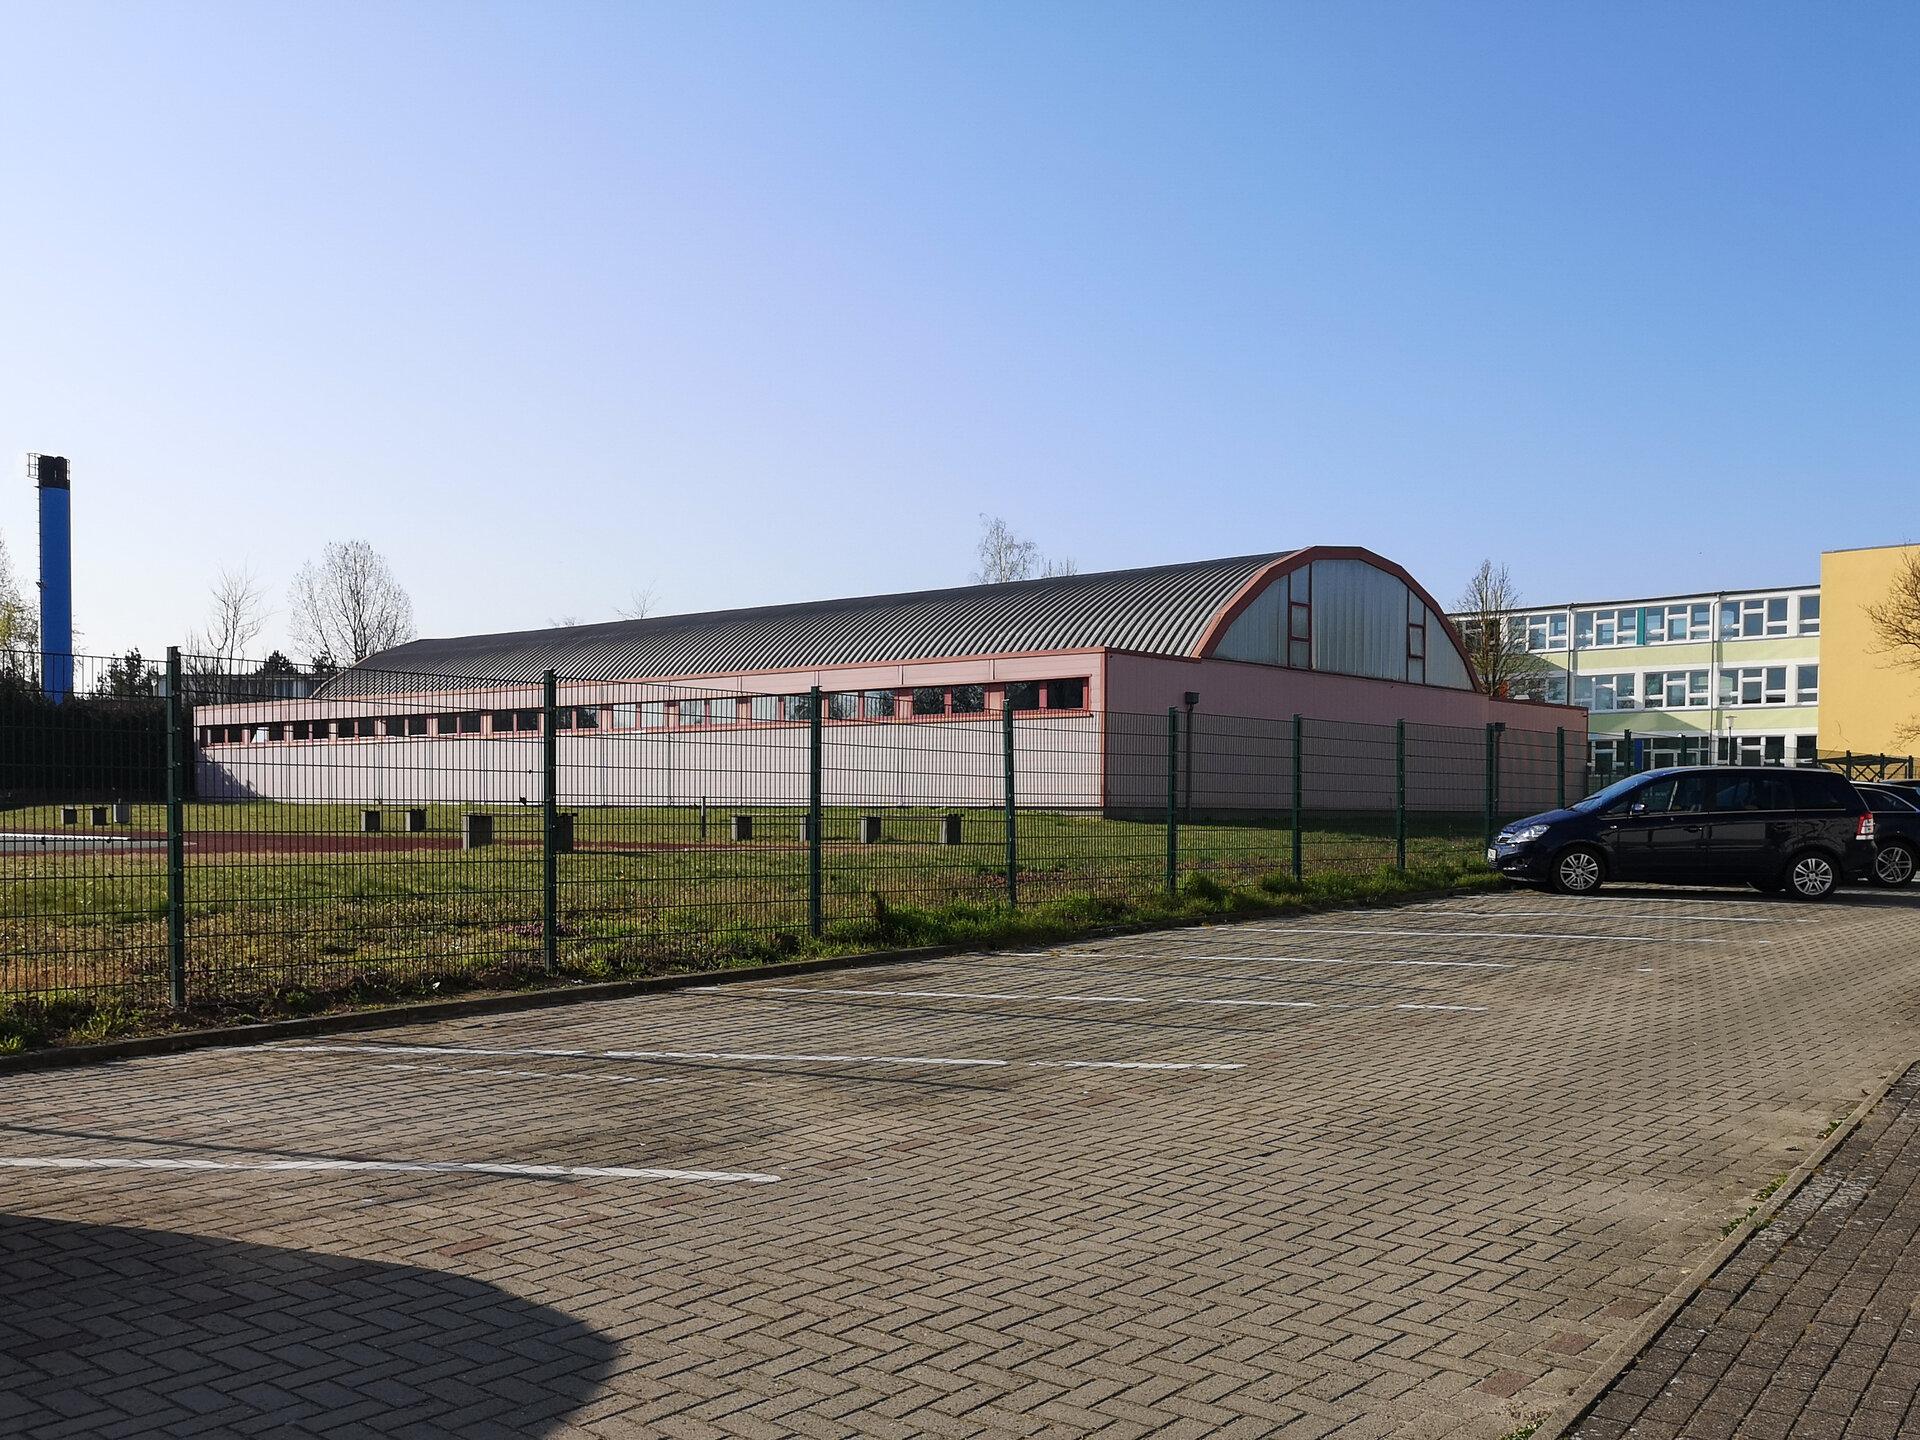 Friedrich-Ludwig-Jahn-Turnhalle-Hainholzweg_1_von_1_